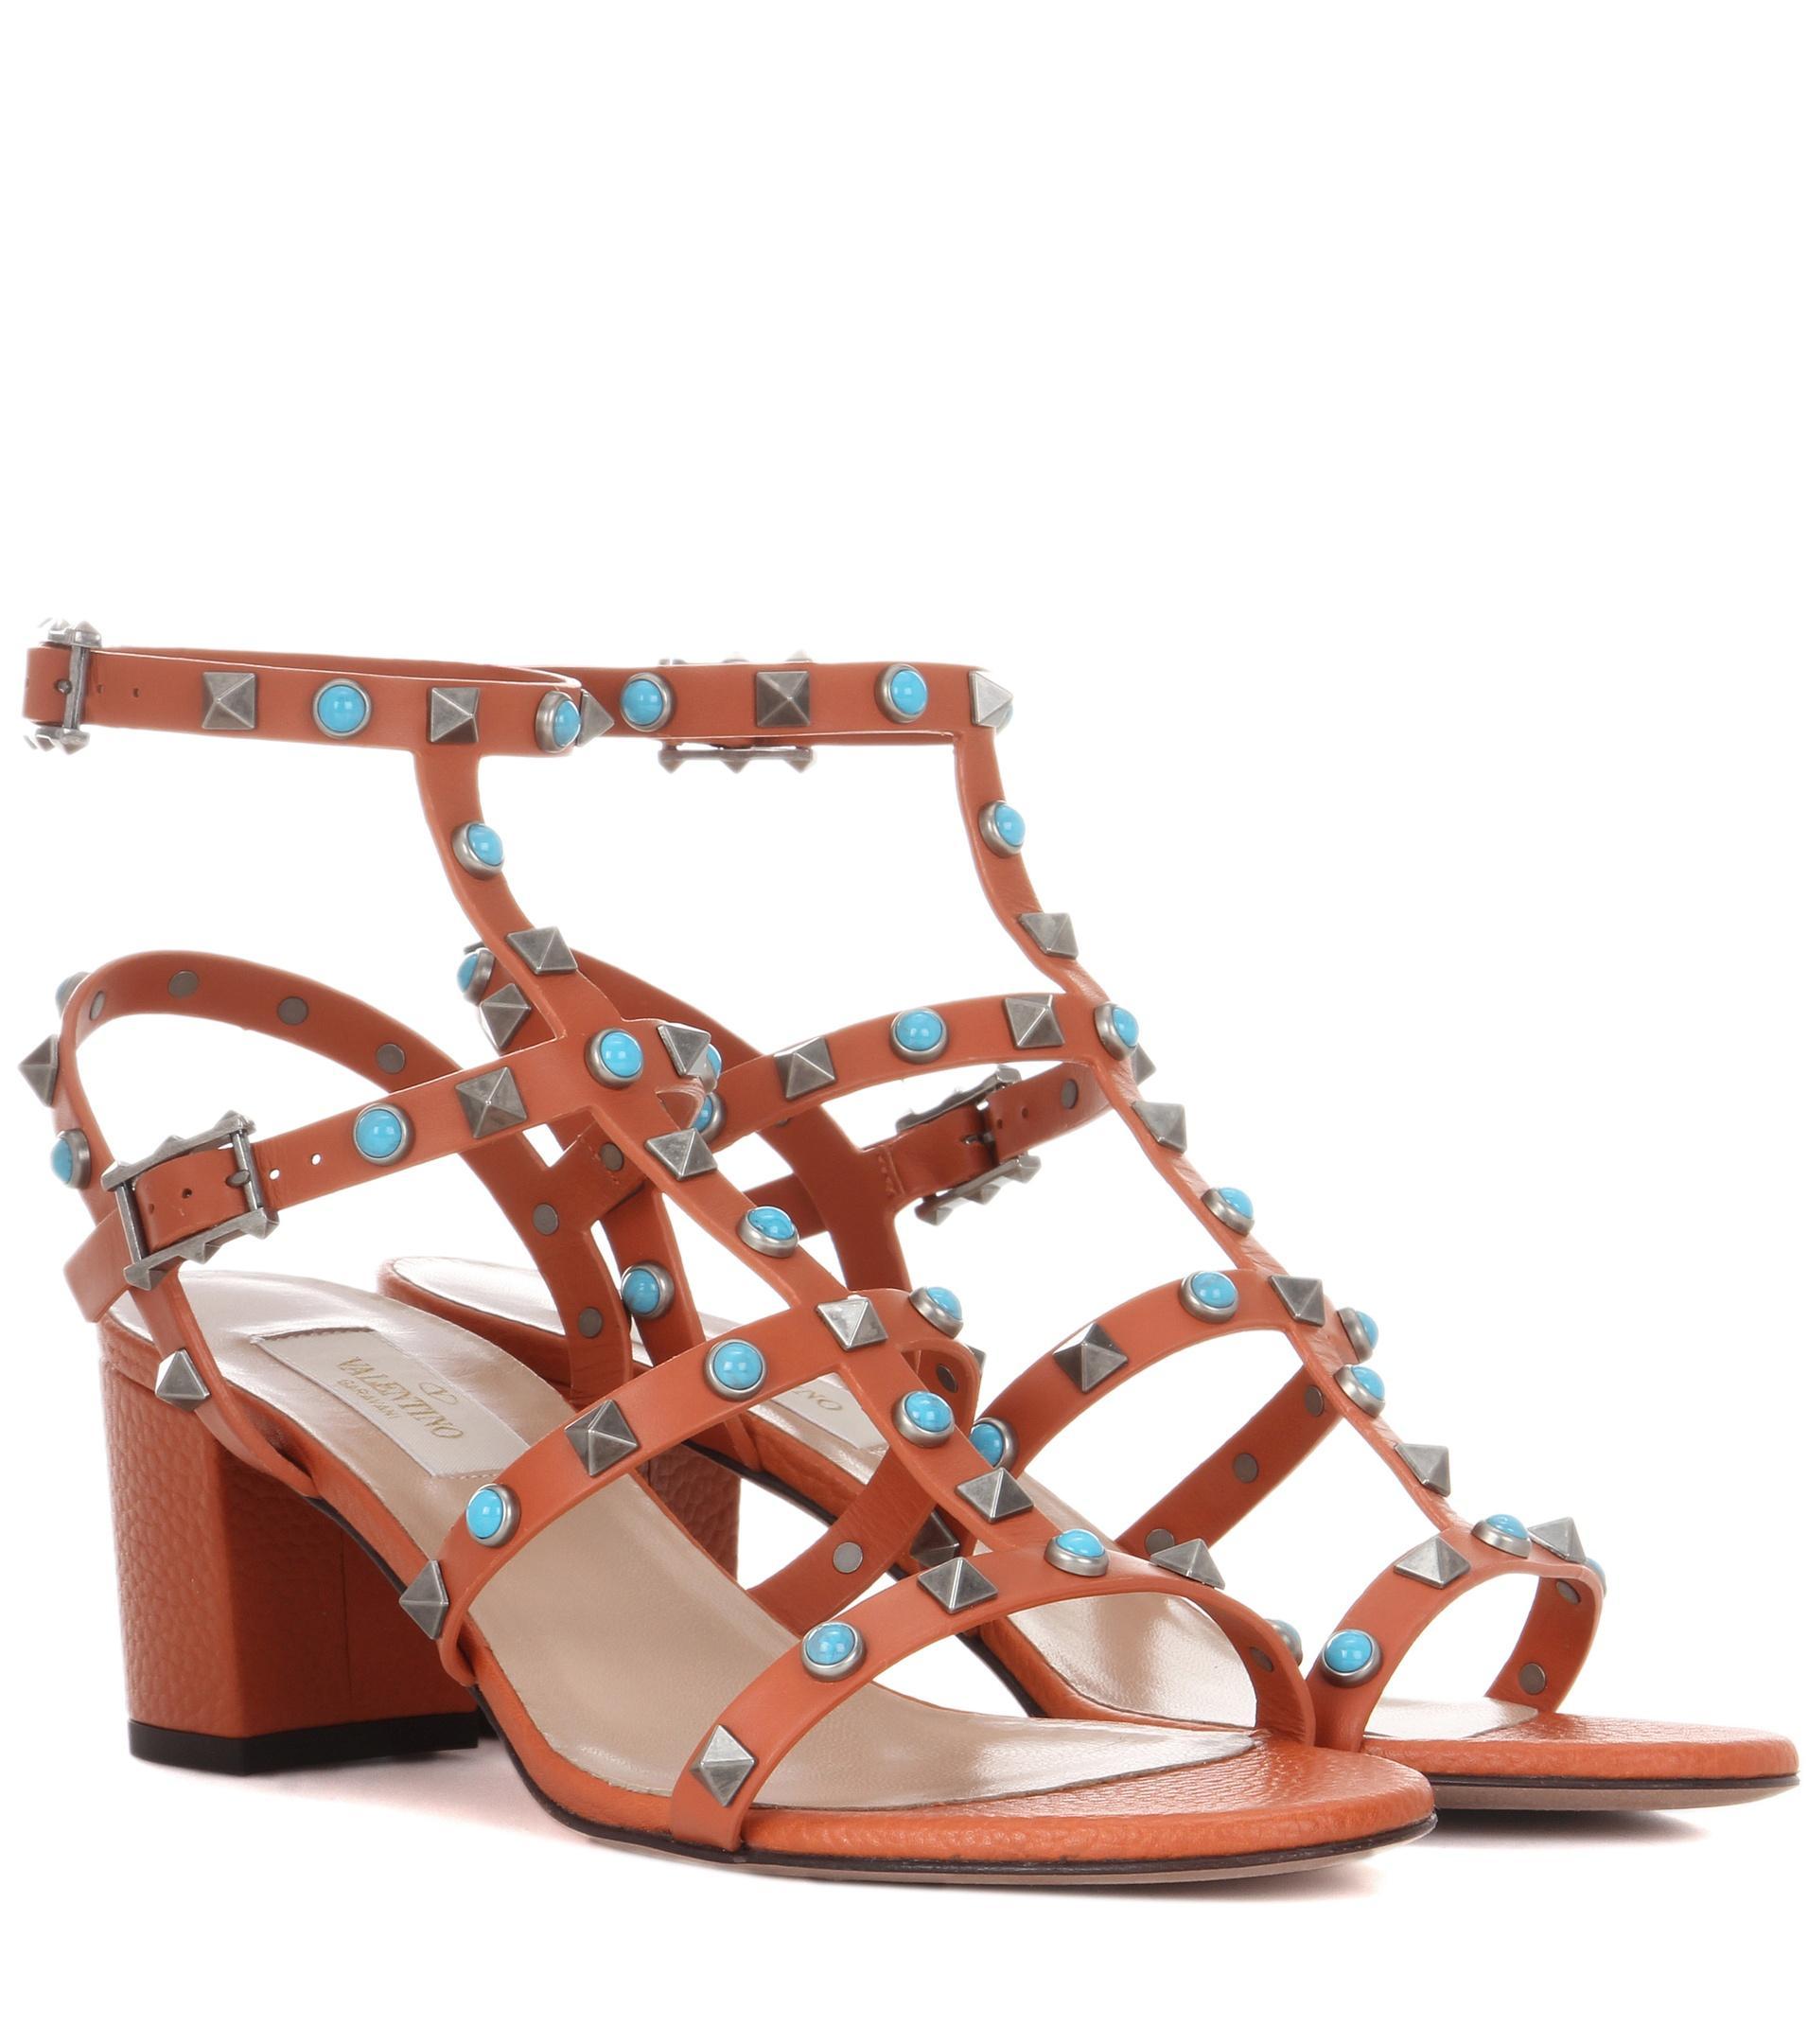 Lyst Valentino Garavani Rockstud Sandals In Orange